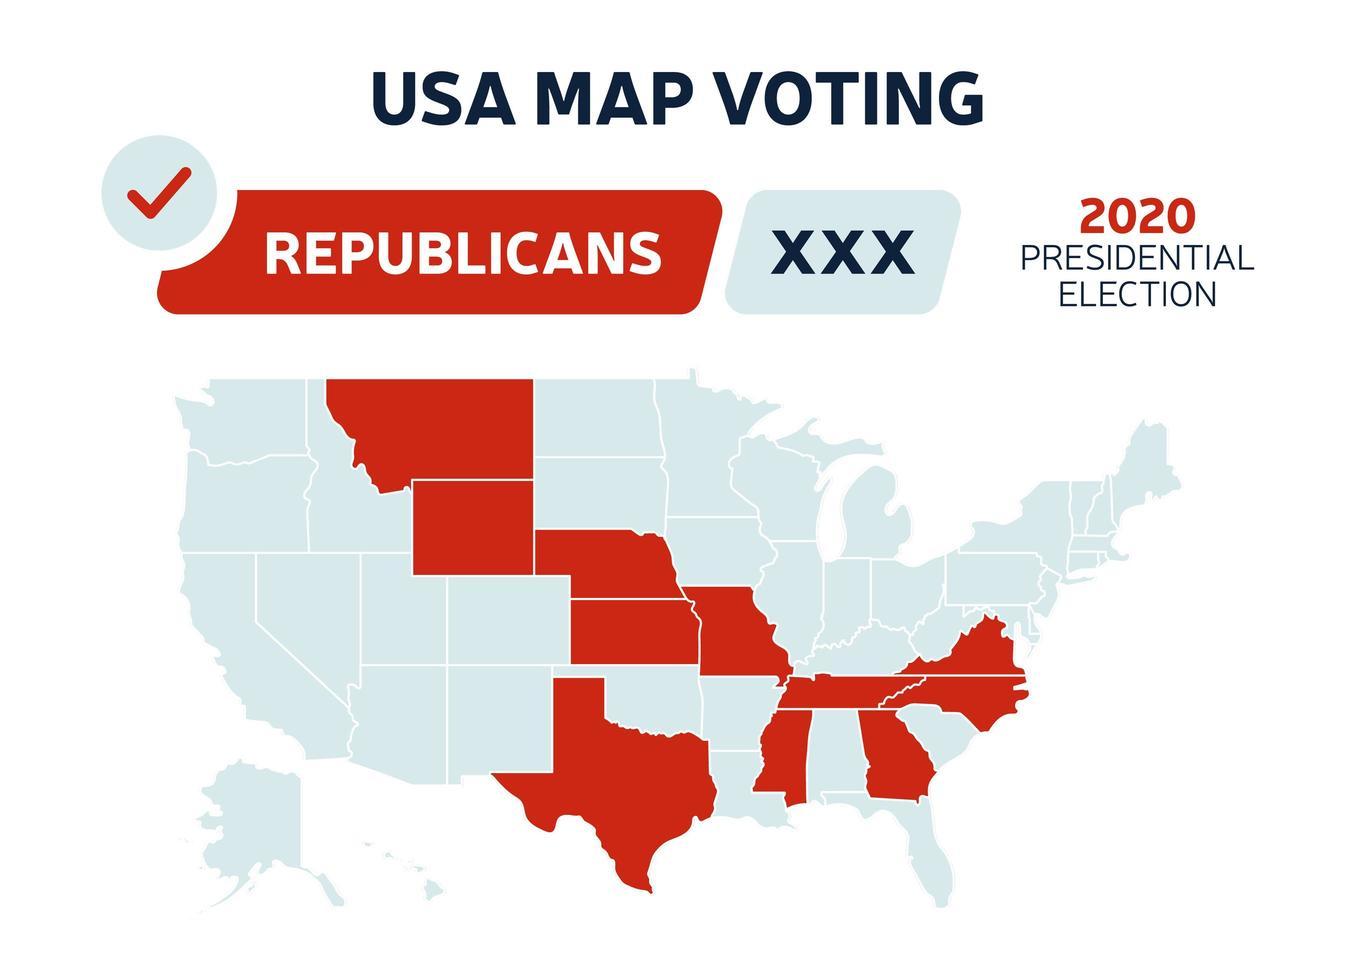 VS presidentsrepublikeinen verkiezingsresultaten kaart. USA kaart stemmen. presidentsverkiezingen kaart elke staat amerikaanse electorale stemmen met republikeinen of democraten politieke vector infographic